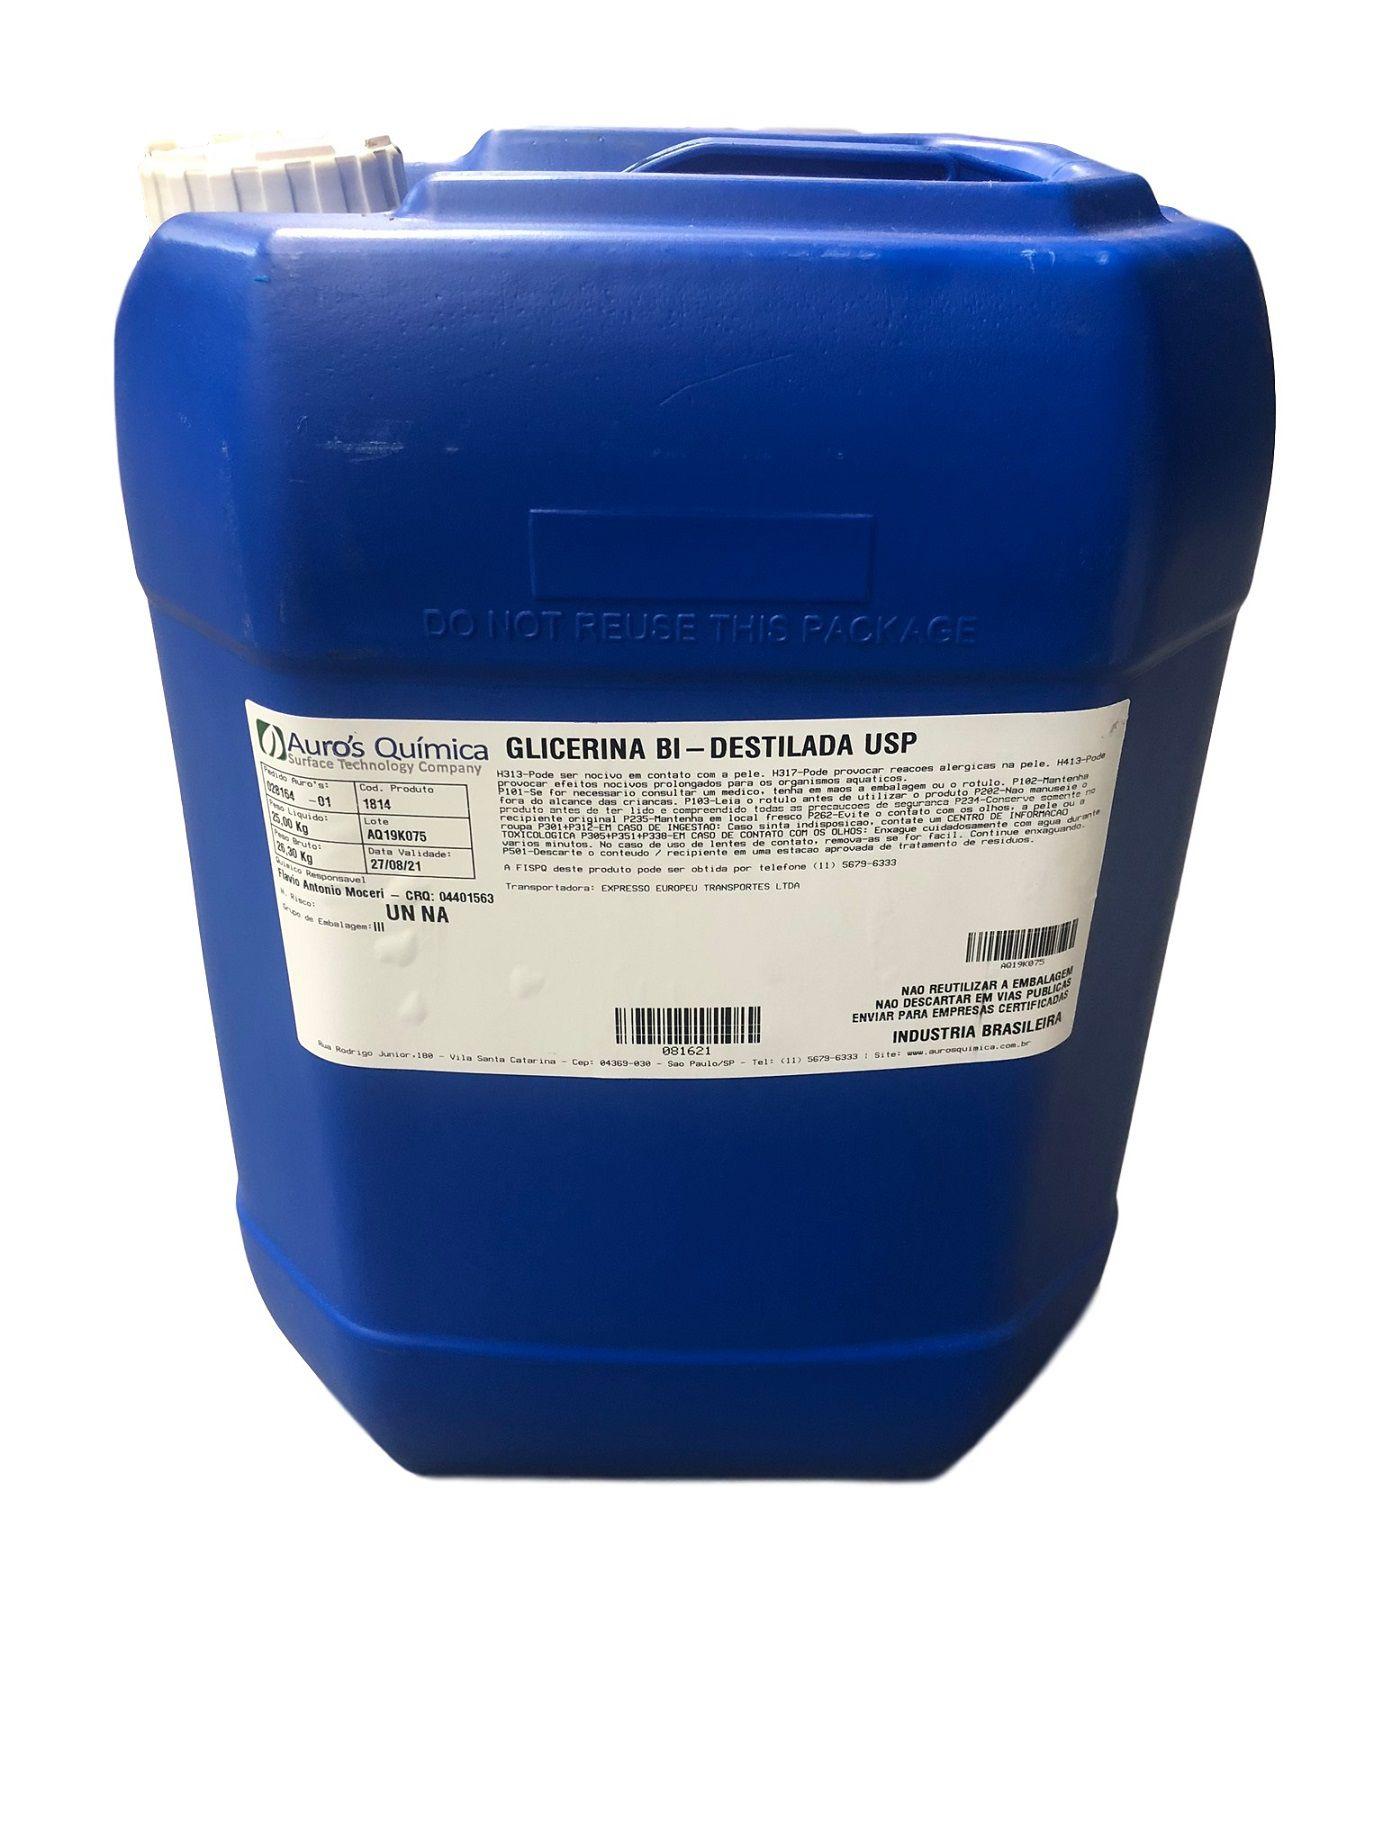 Glicerina Bi Destilada USP - 25 Kg